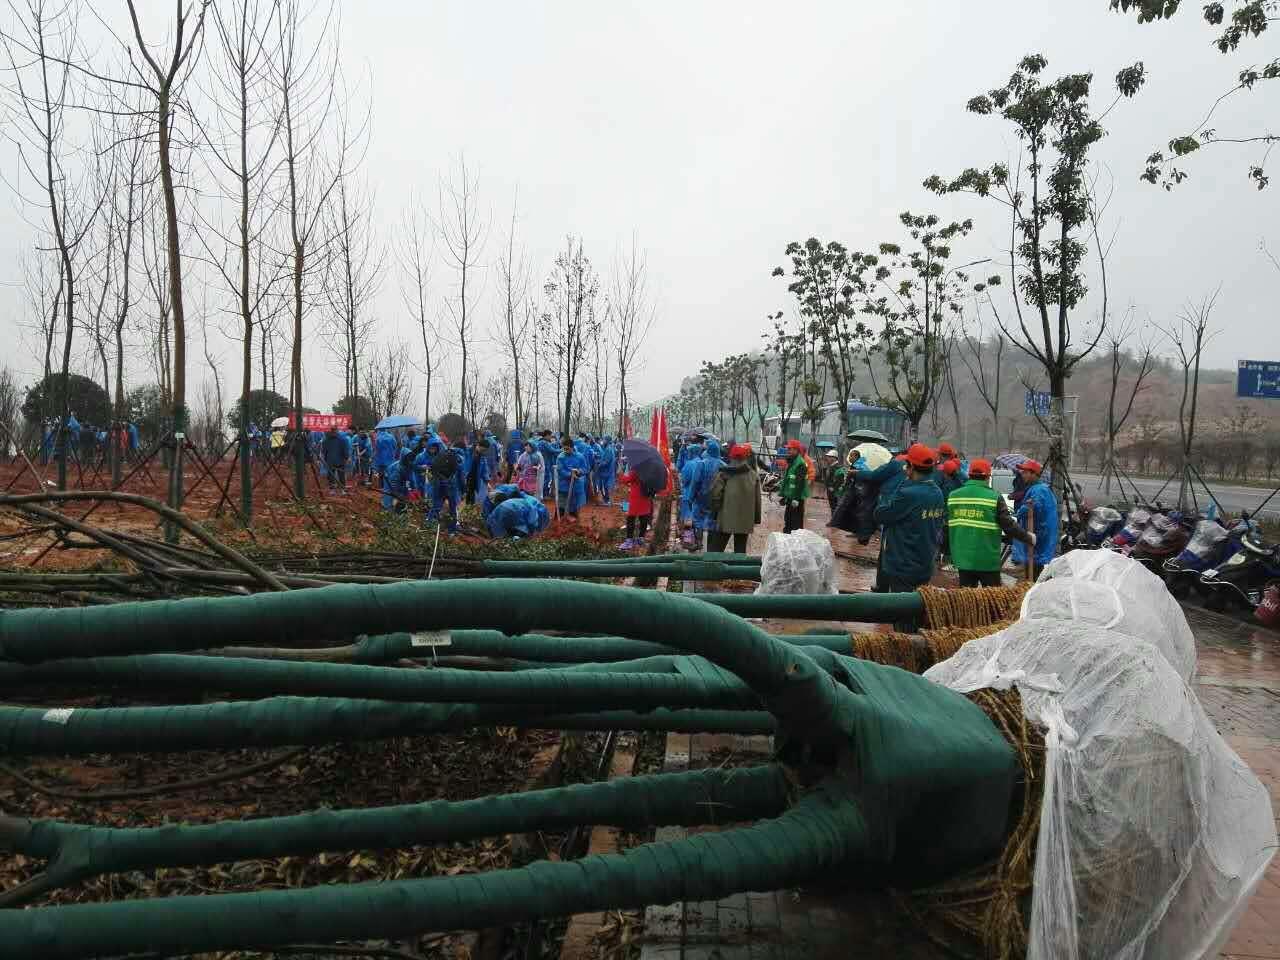 2017.3.12 湘潭市在我工地上的植树活动.jpg